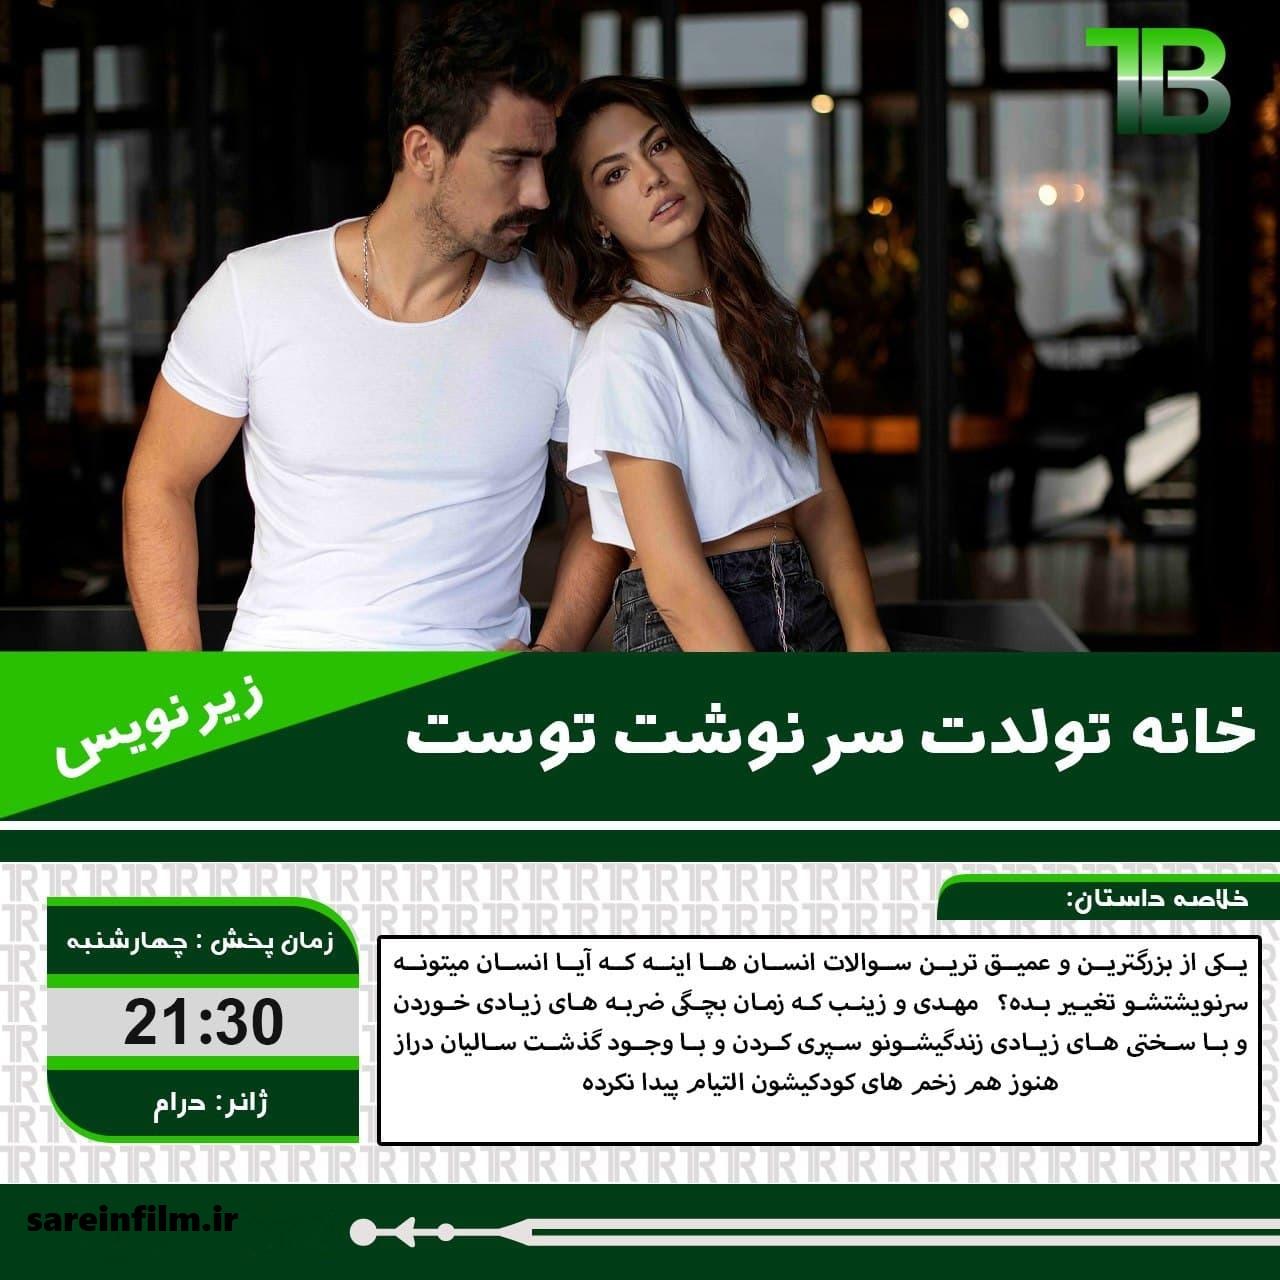 دانلود سریال ترکی خانه تو تقدیر توست 43 پایان سریال